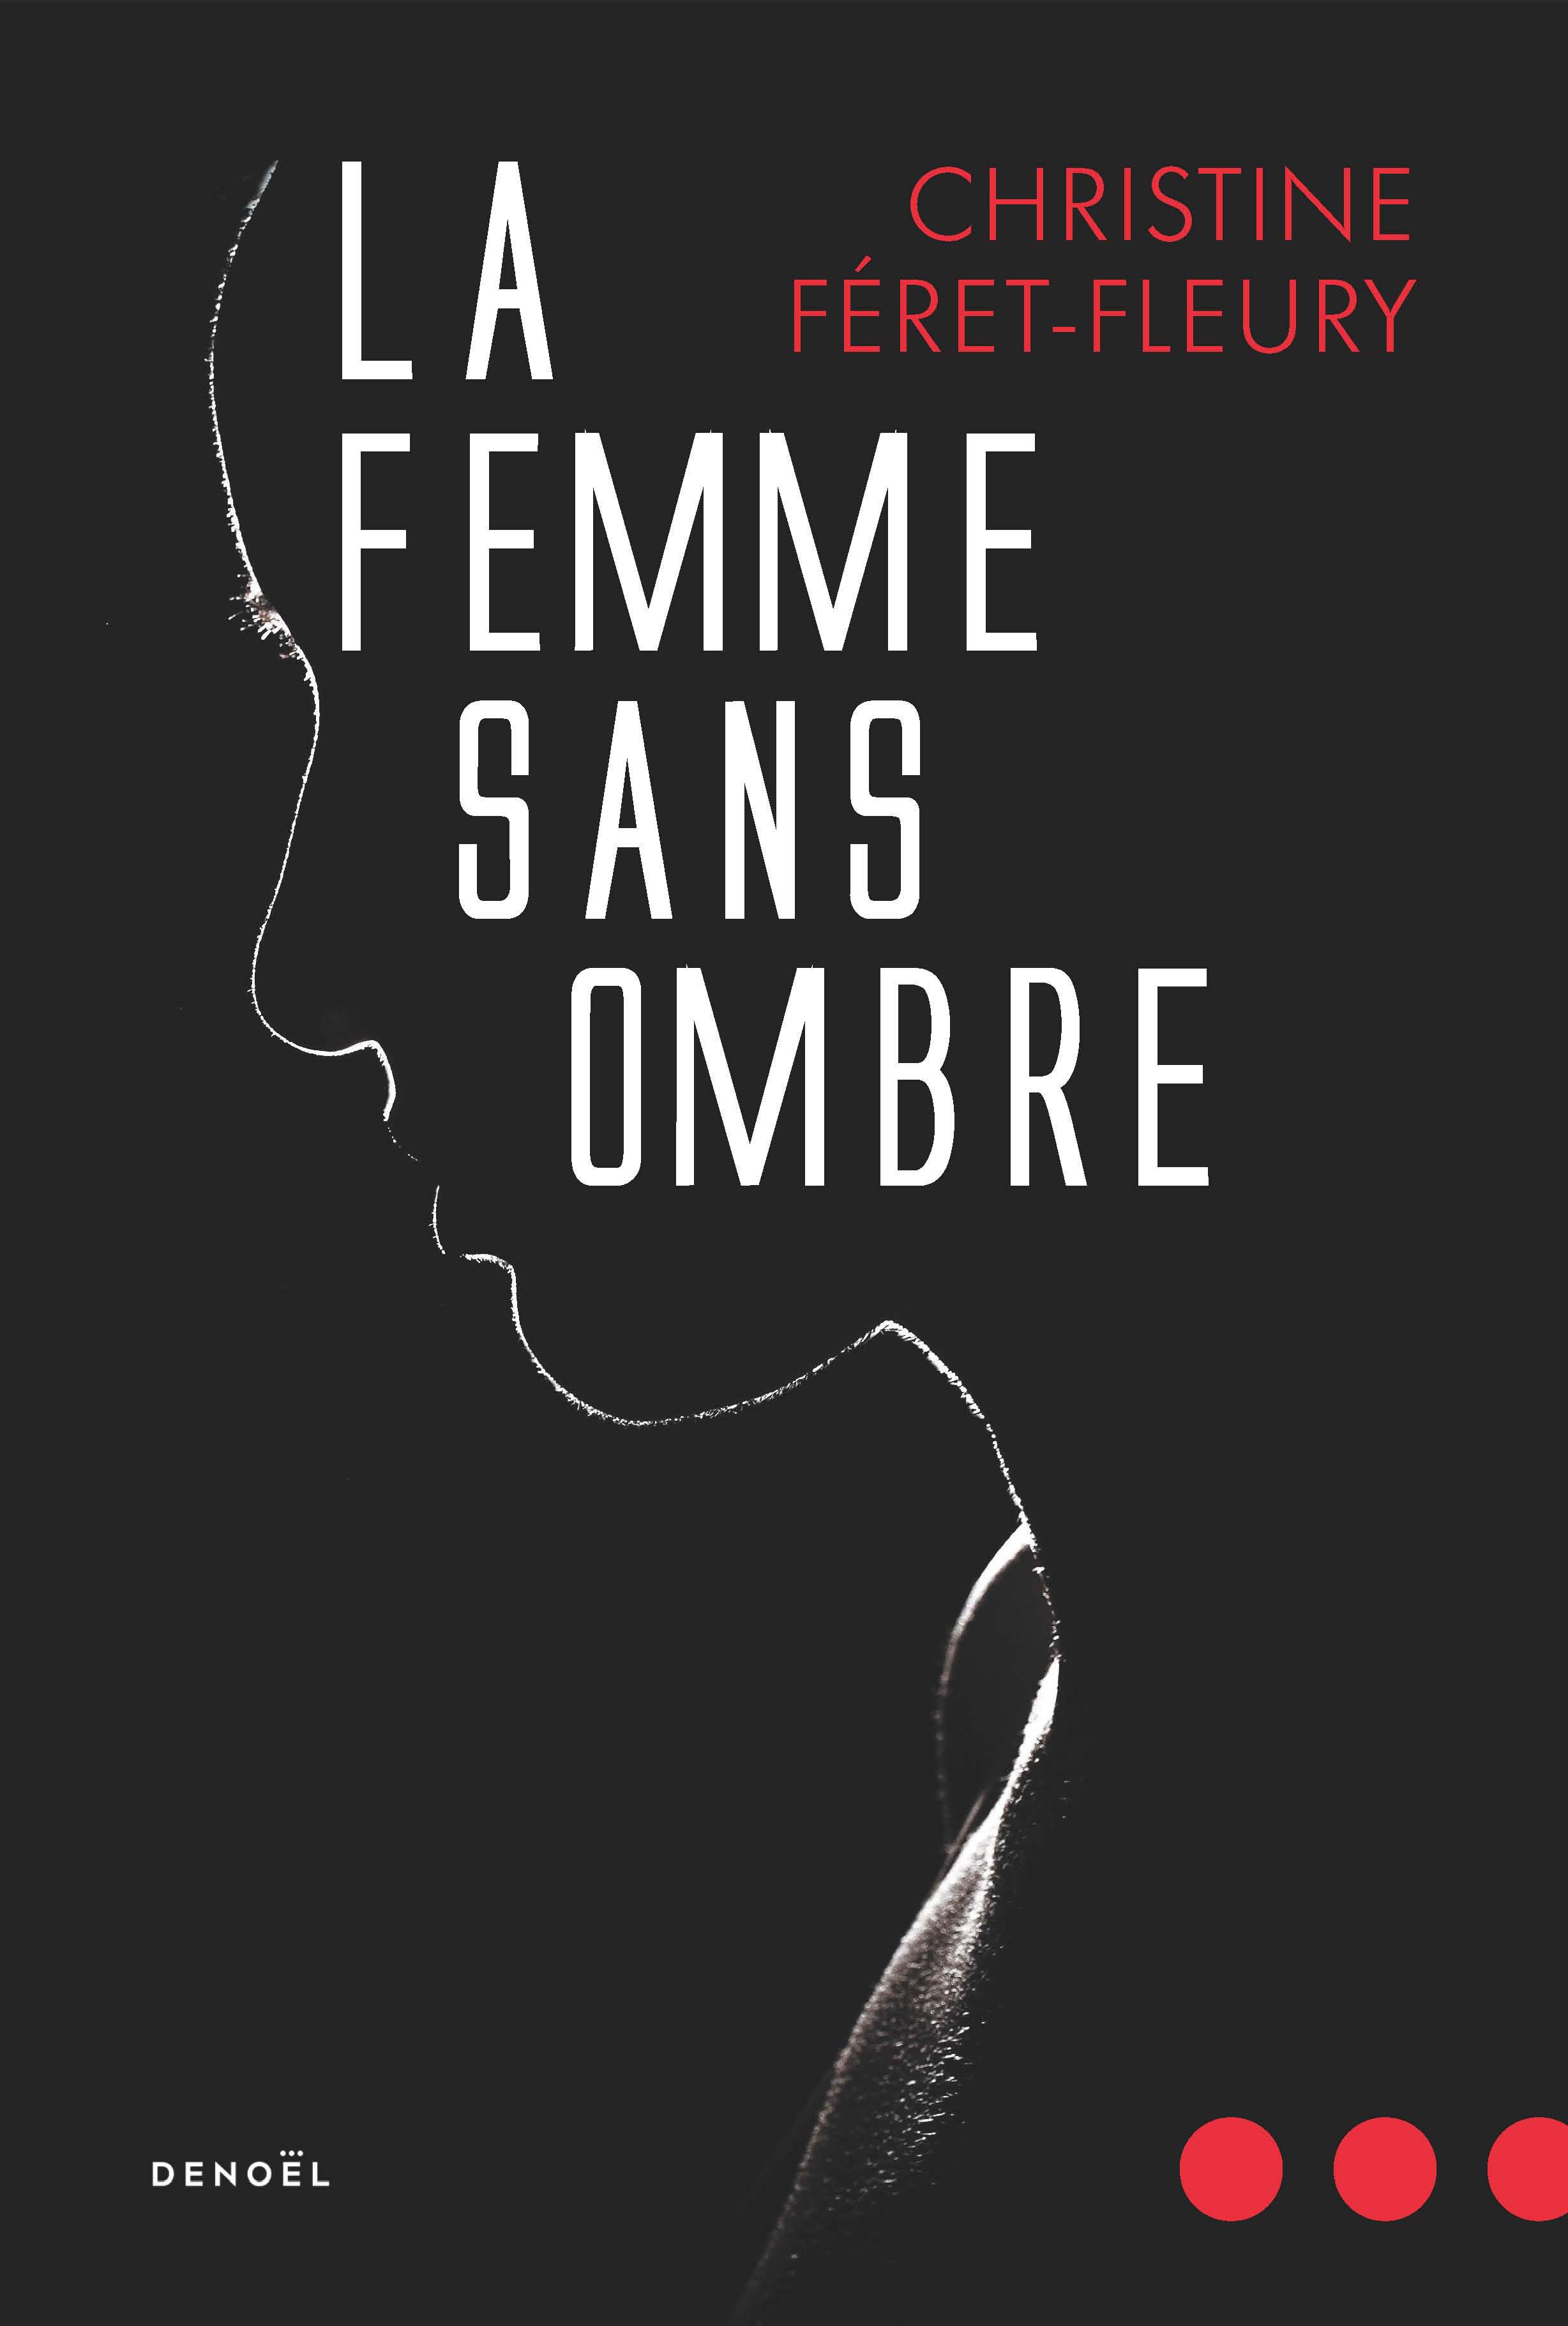 LA FEMME SANS OMBRE